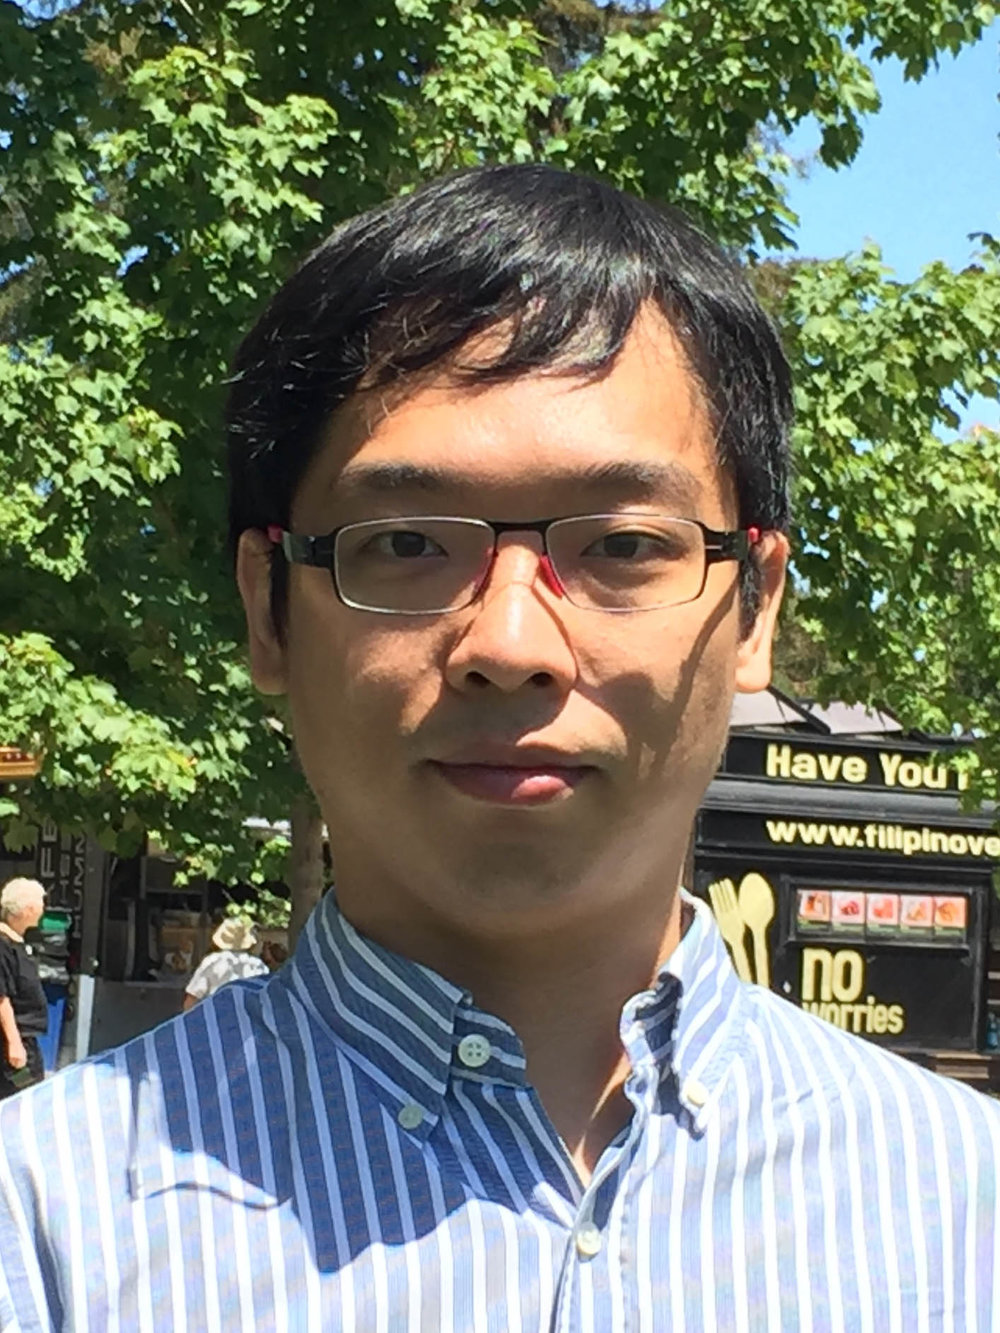 Eric Lu Zhang Postdoc zhanglu2 [at] stanford.edu